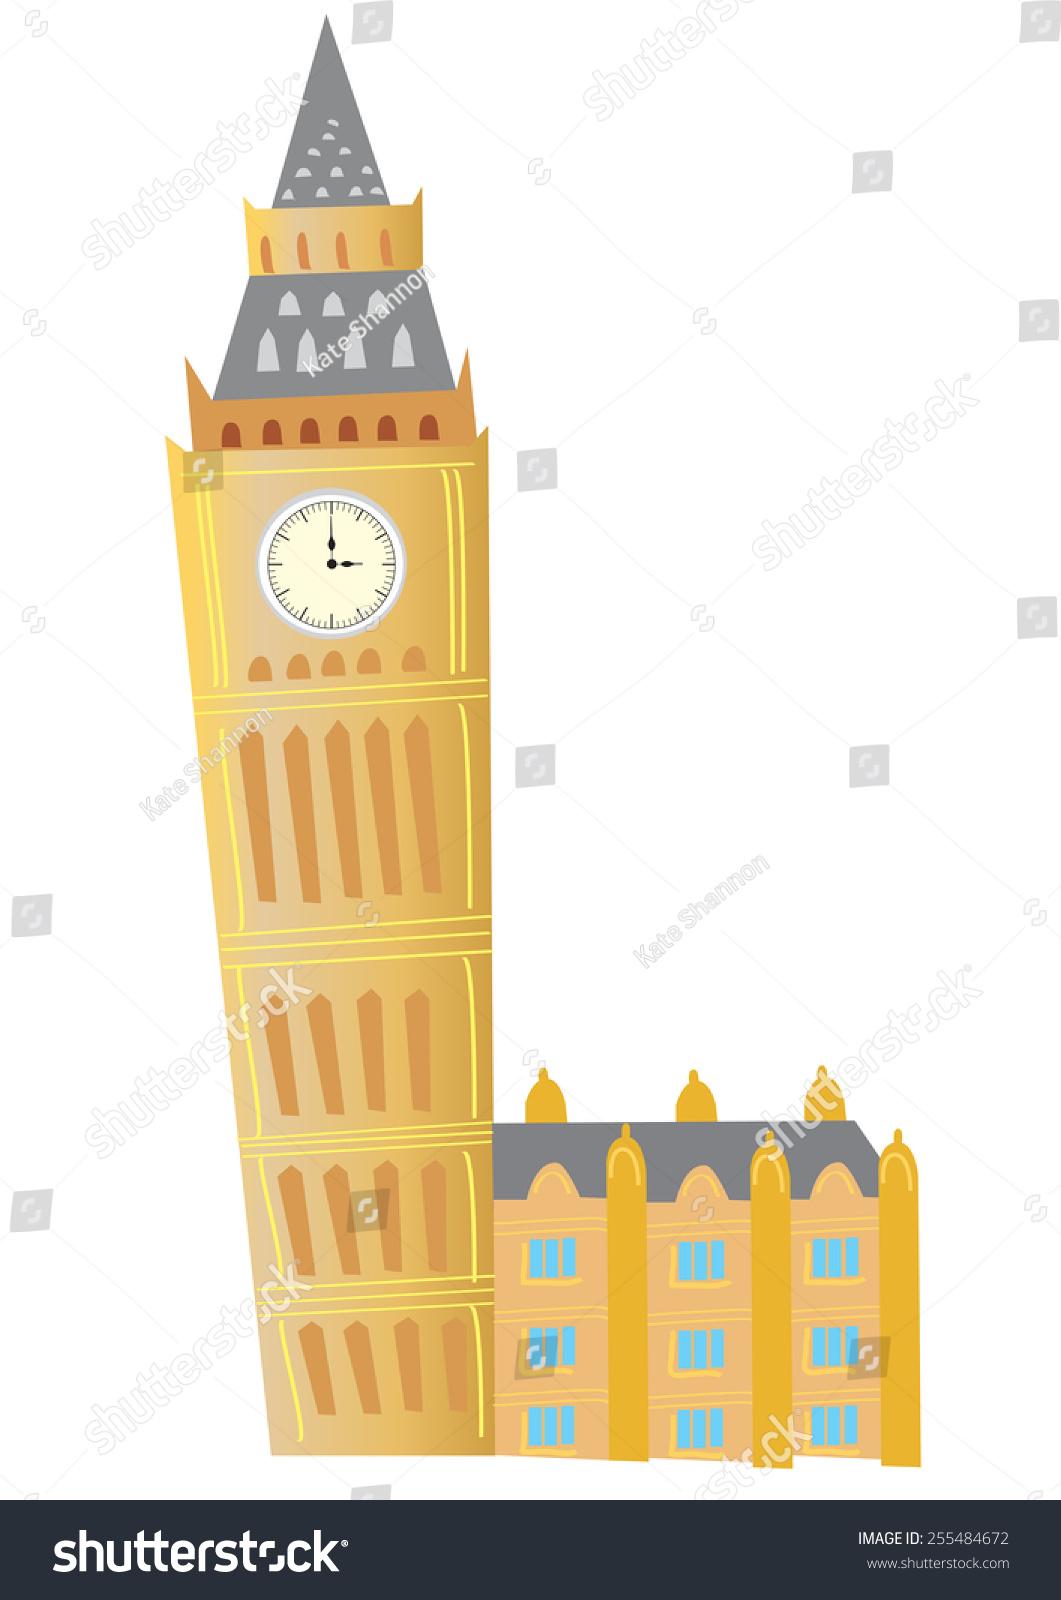 一个卡通在伦敦大本钟钟楼-建筑物/地标-海洛创意()-.